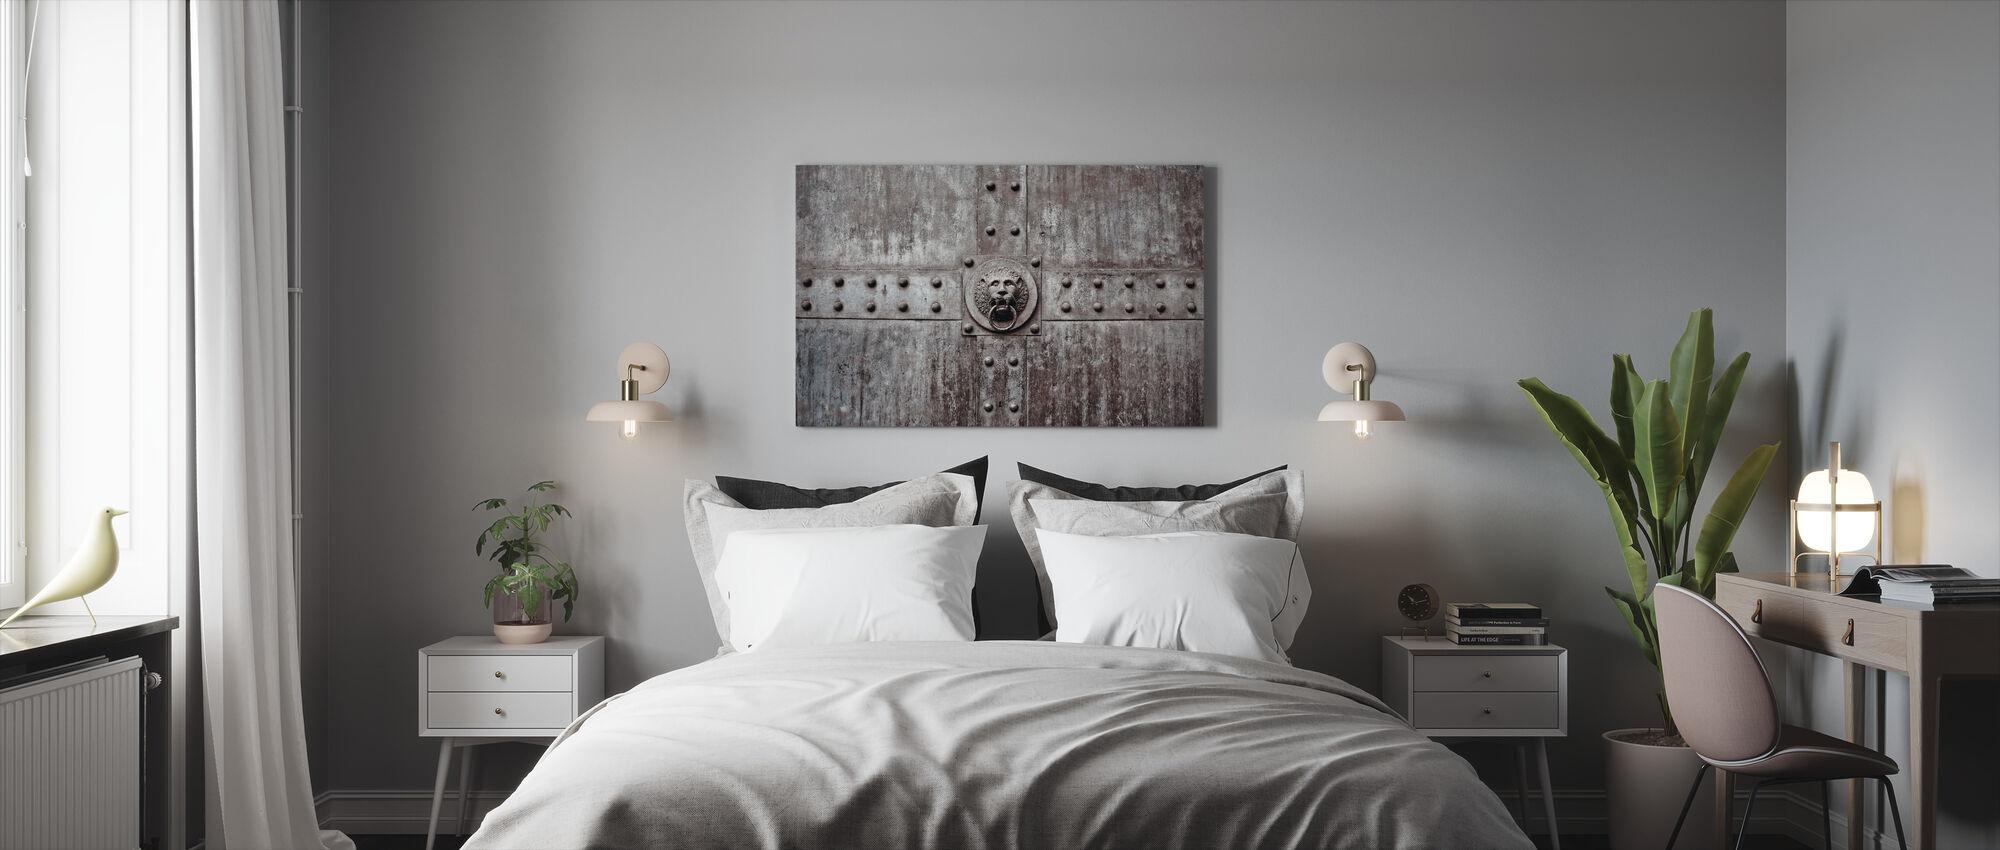 Ovenkolkutin - Canvastaulu - Makuuhuone